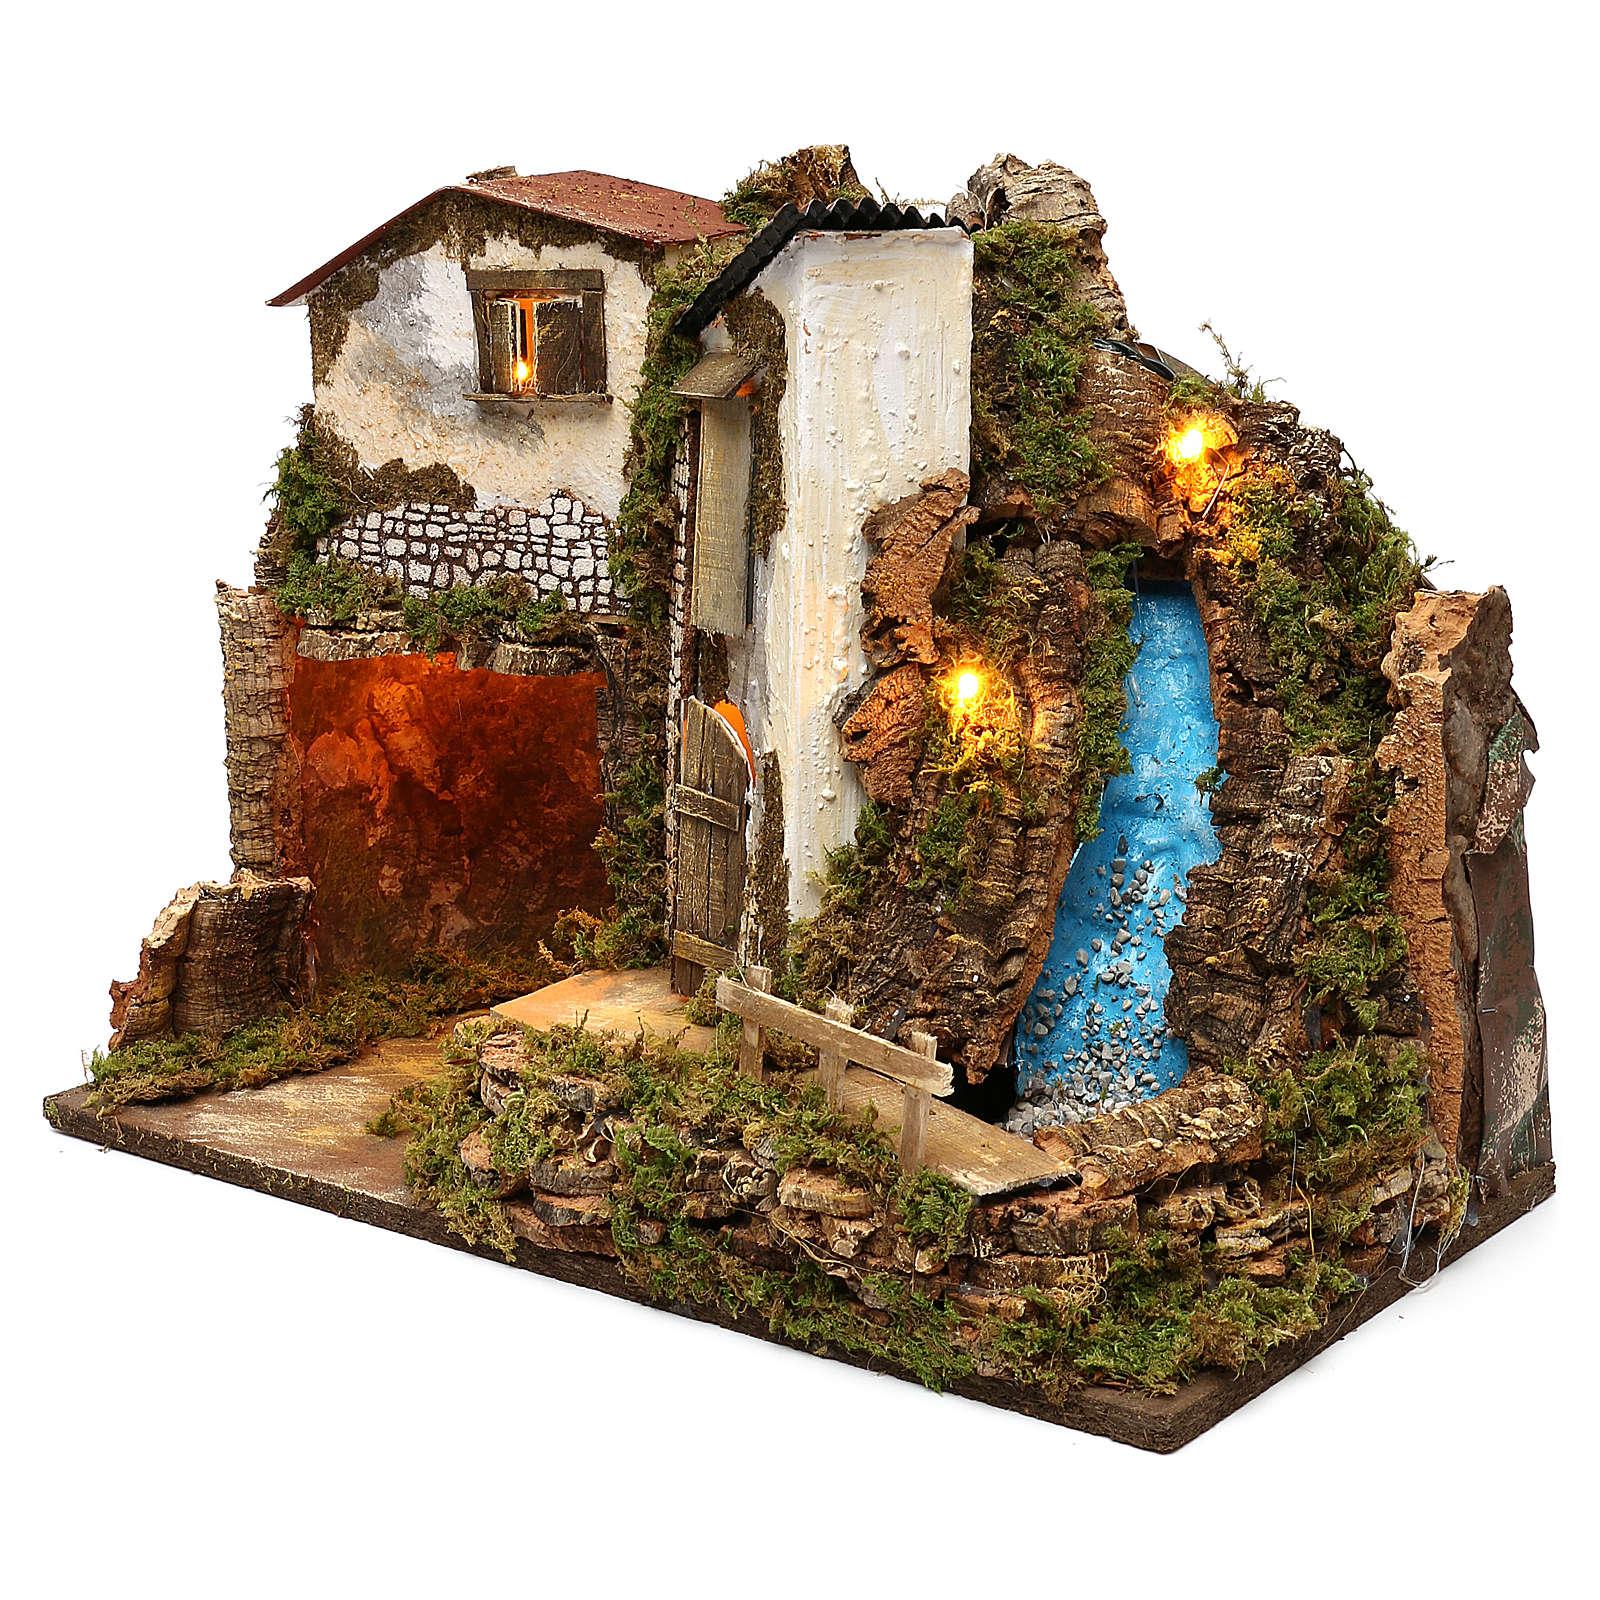 Casa rustica con luci e cascata 35x50x25 cm per presepi 11 cm 4